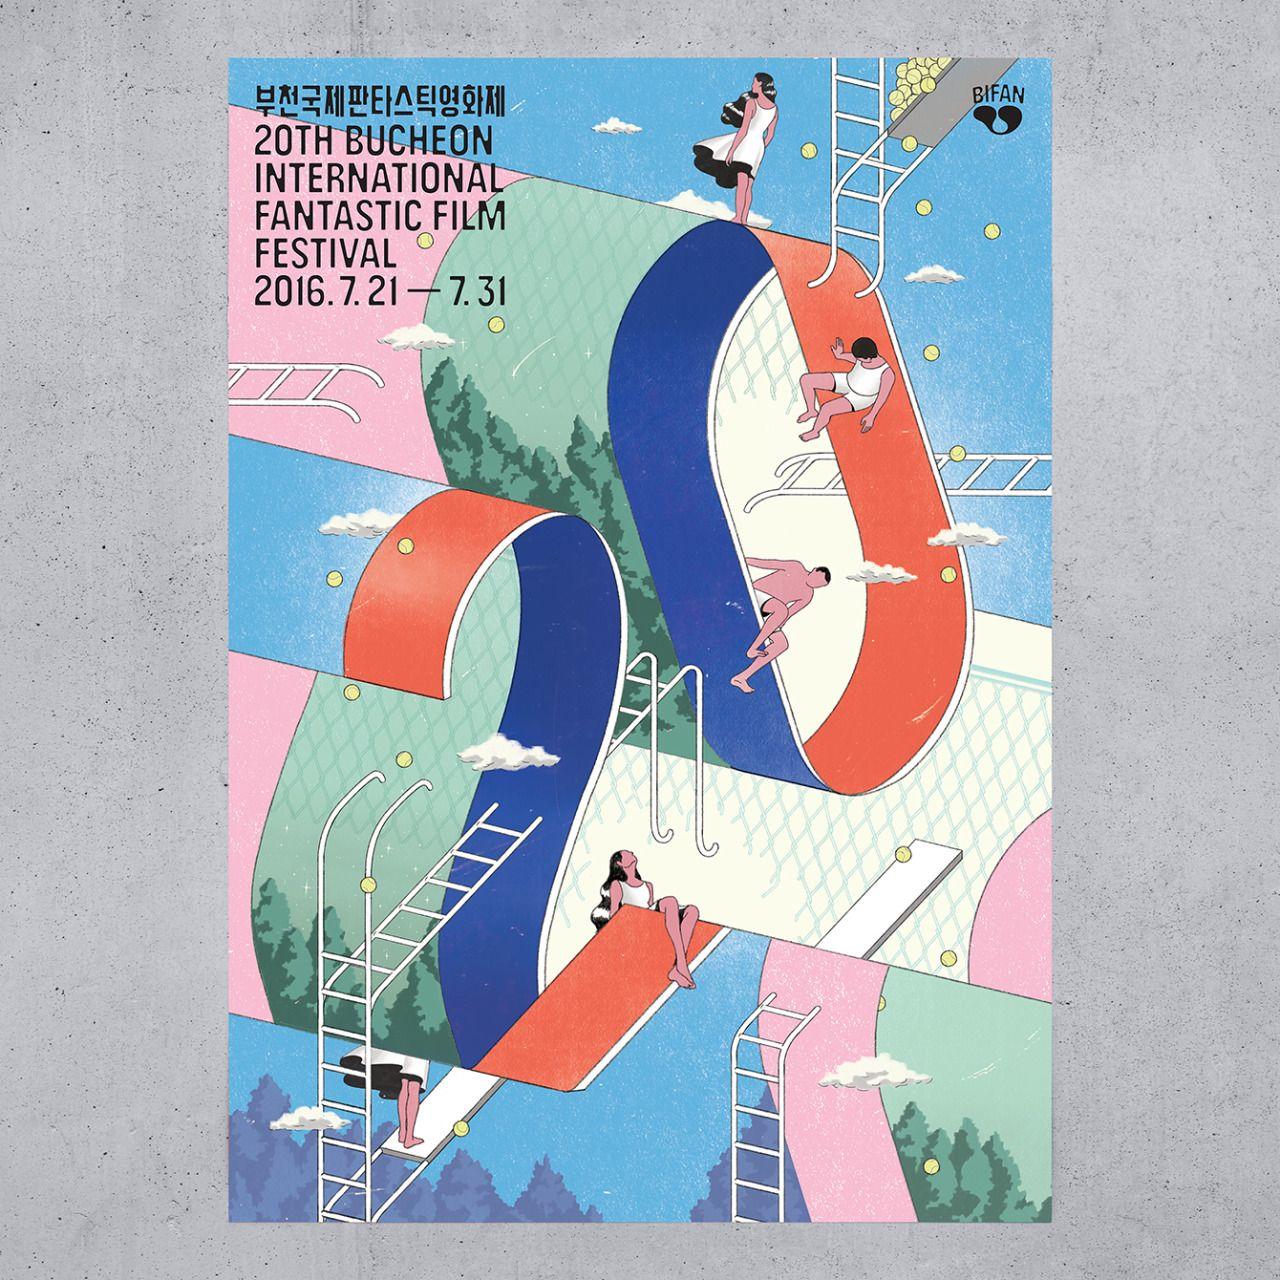 02-20th-Bucheon-International-Fantastic-Film-Festival-Branding-Print-Poster-by-Studio-fnt-Korea-BPO